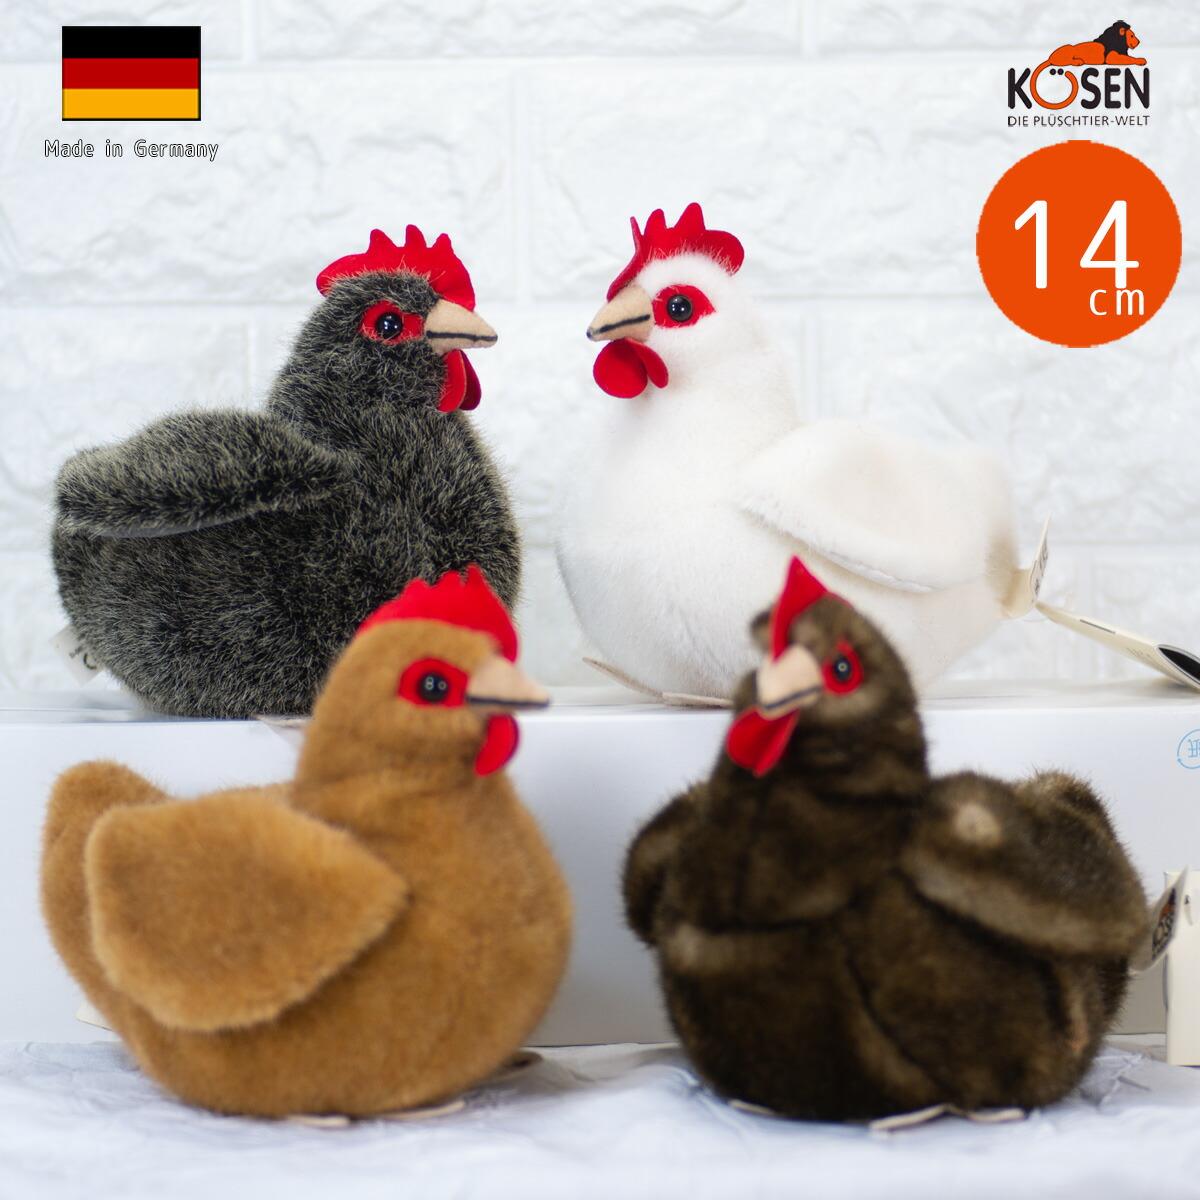 ケーセン ぬいぐるみ kosen 牝鶏 ニワトリ 14cm Hen, small